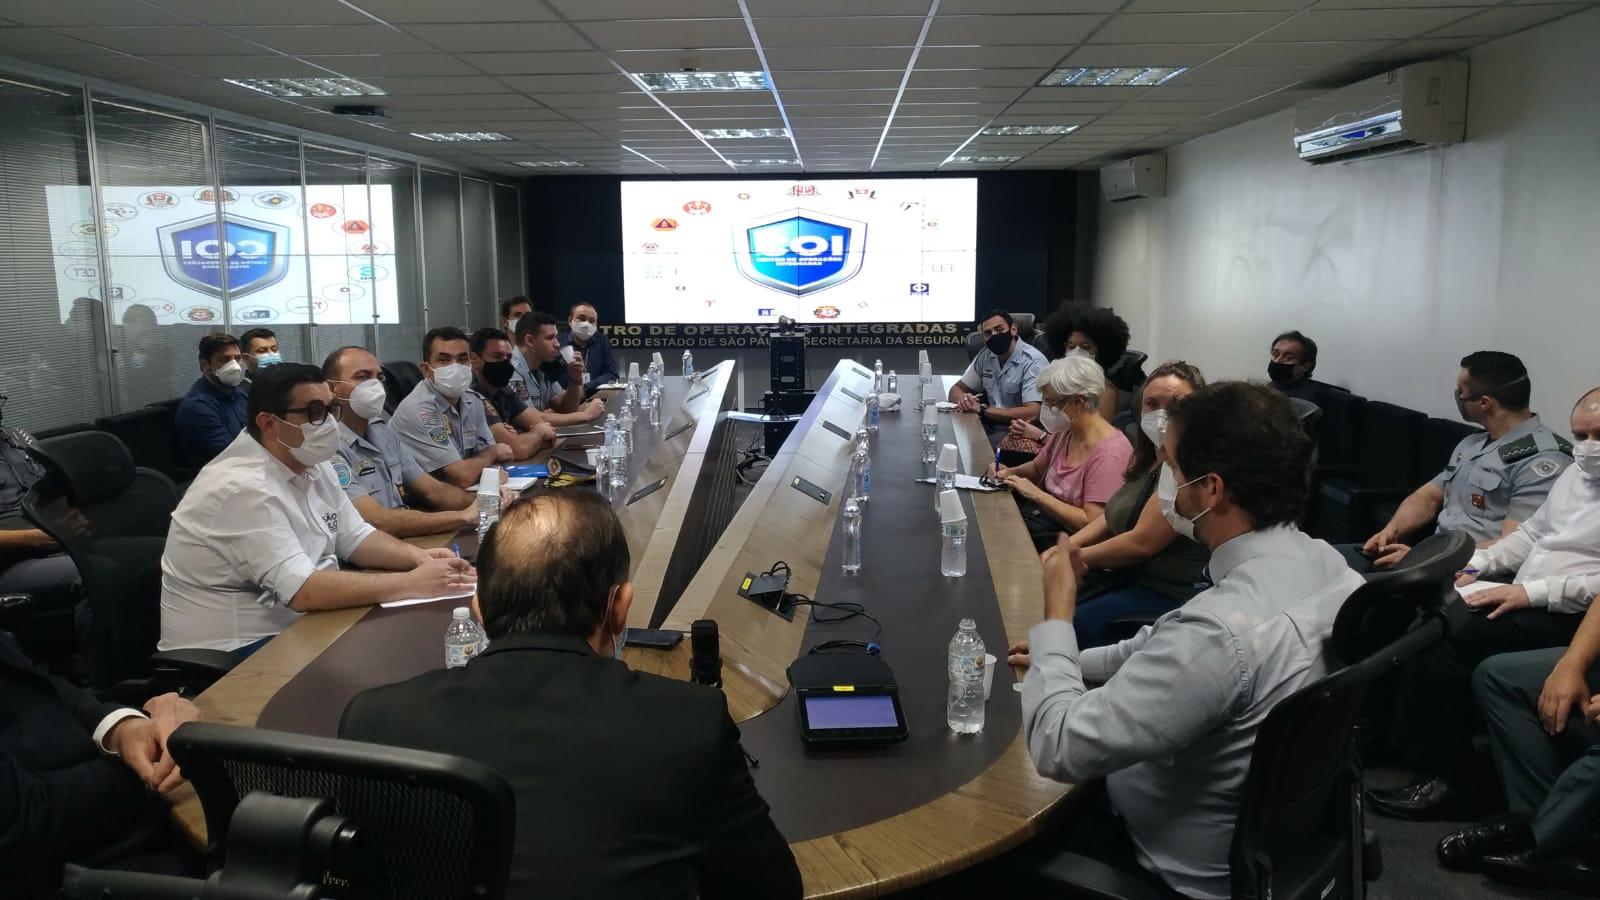 Raul Marcelo faz reunião com representantes da segurança pública para tratar sobre as ações feitas pelos movimentos sociais